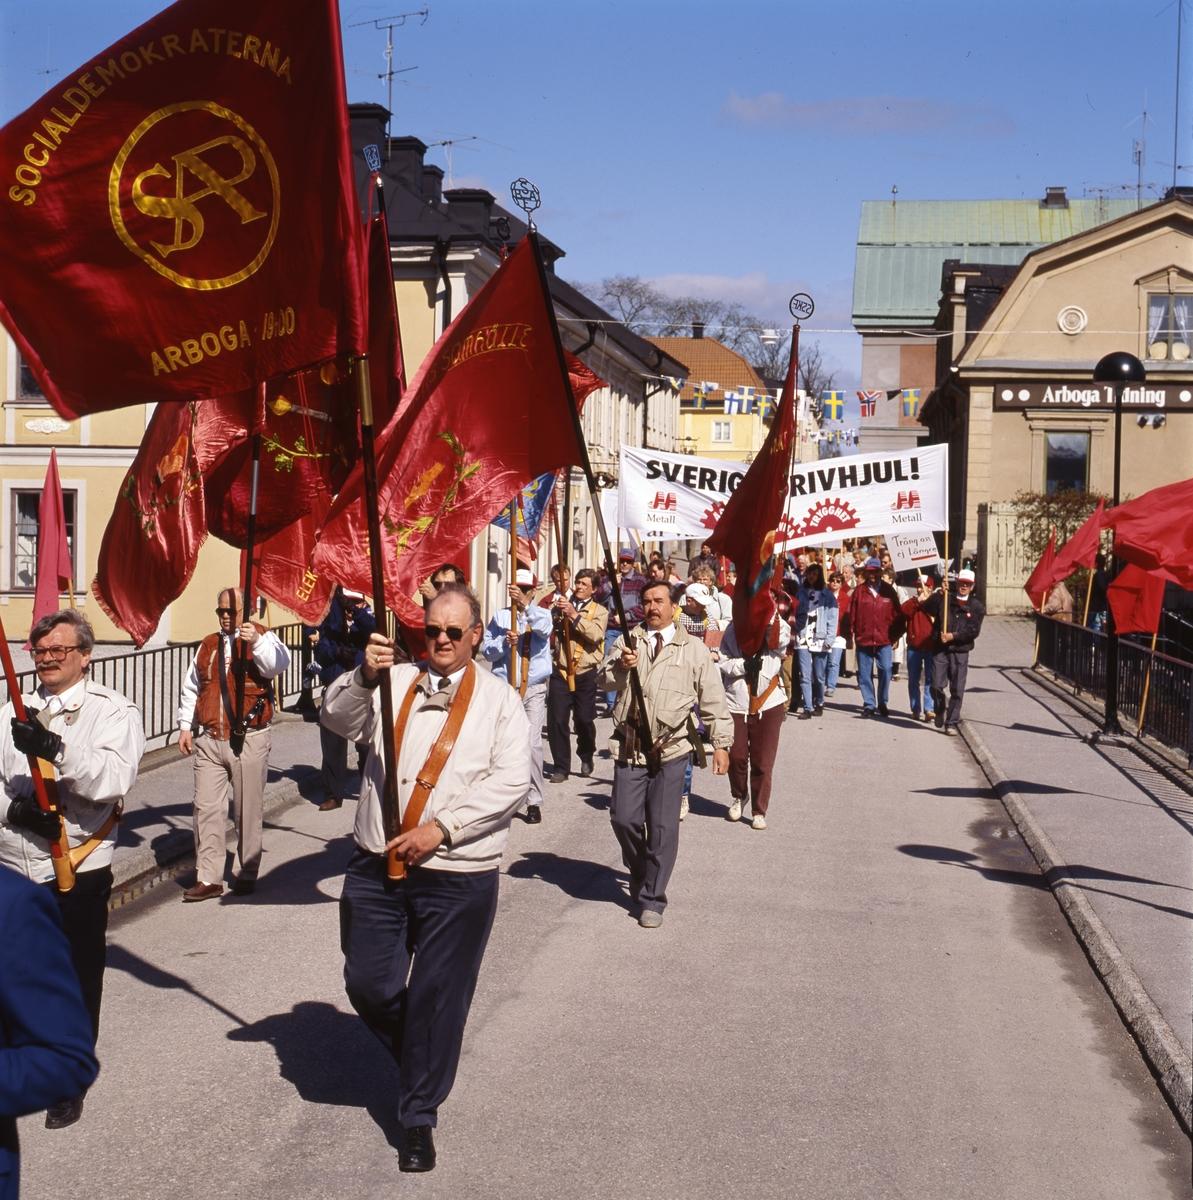 Första maj. Demonstrationståg på Kapellbron. Längst till vänster ses Börje Sturk. Människor marscherar med röda fanor och plakat. I bakgrunden ses kvarteret Stadsgården till vänster och Kungsgården till höger. socialdemokrater Socialdemokrater.